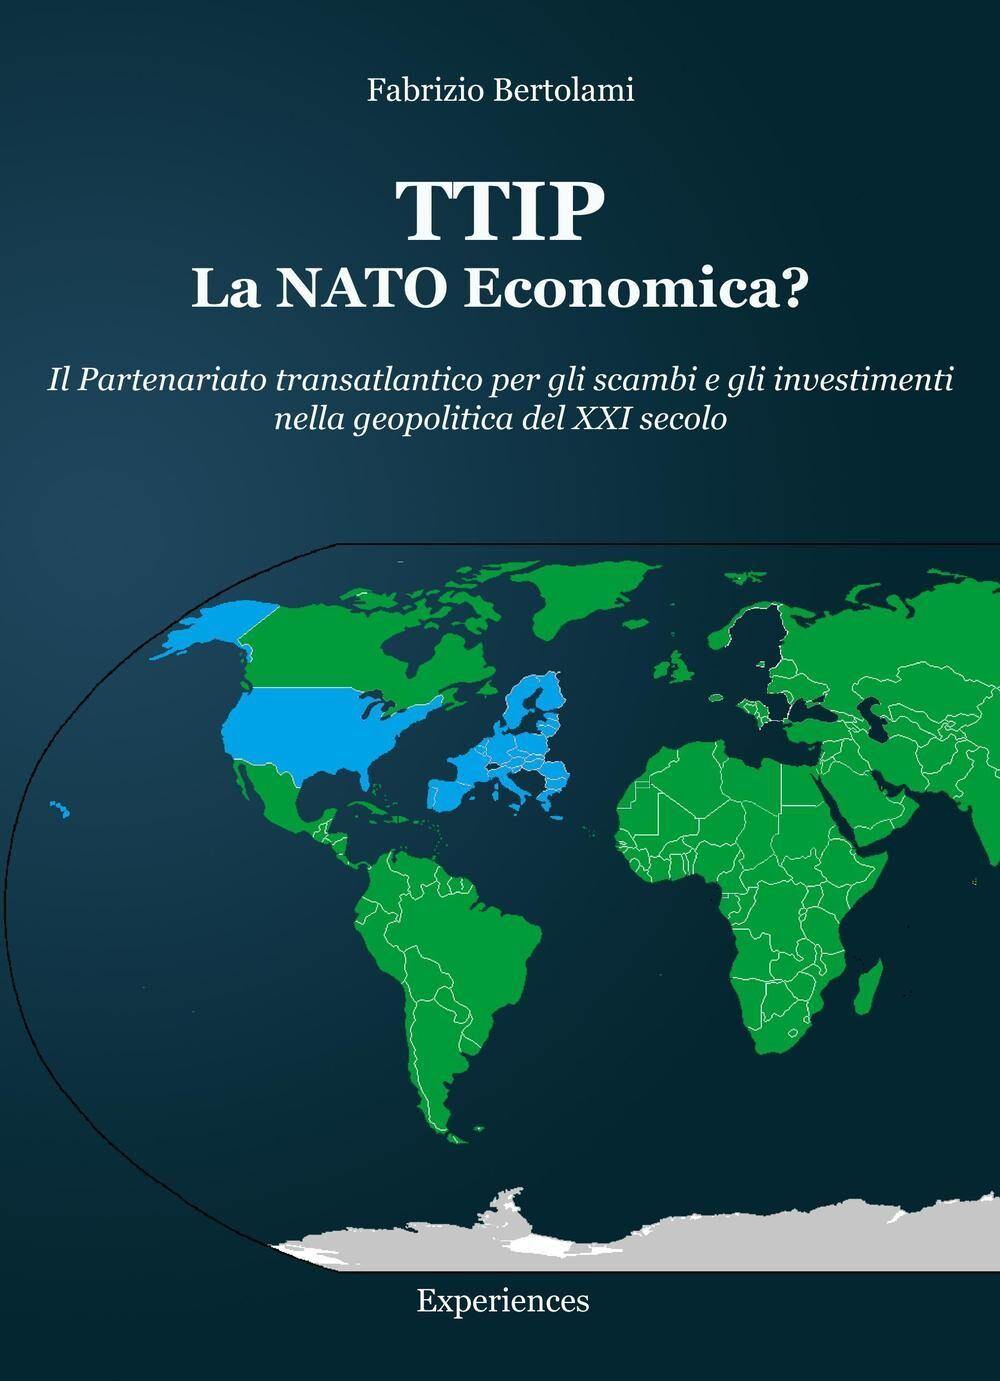 TTIP la NATO economica? Il partenariato transatlantico per gli scambi e gli investimenti nella geopolitica del XXI secolo